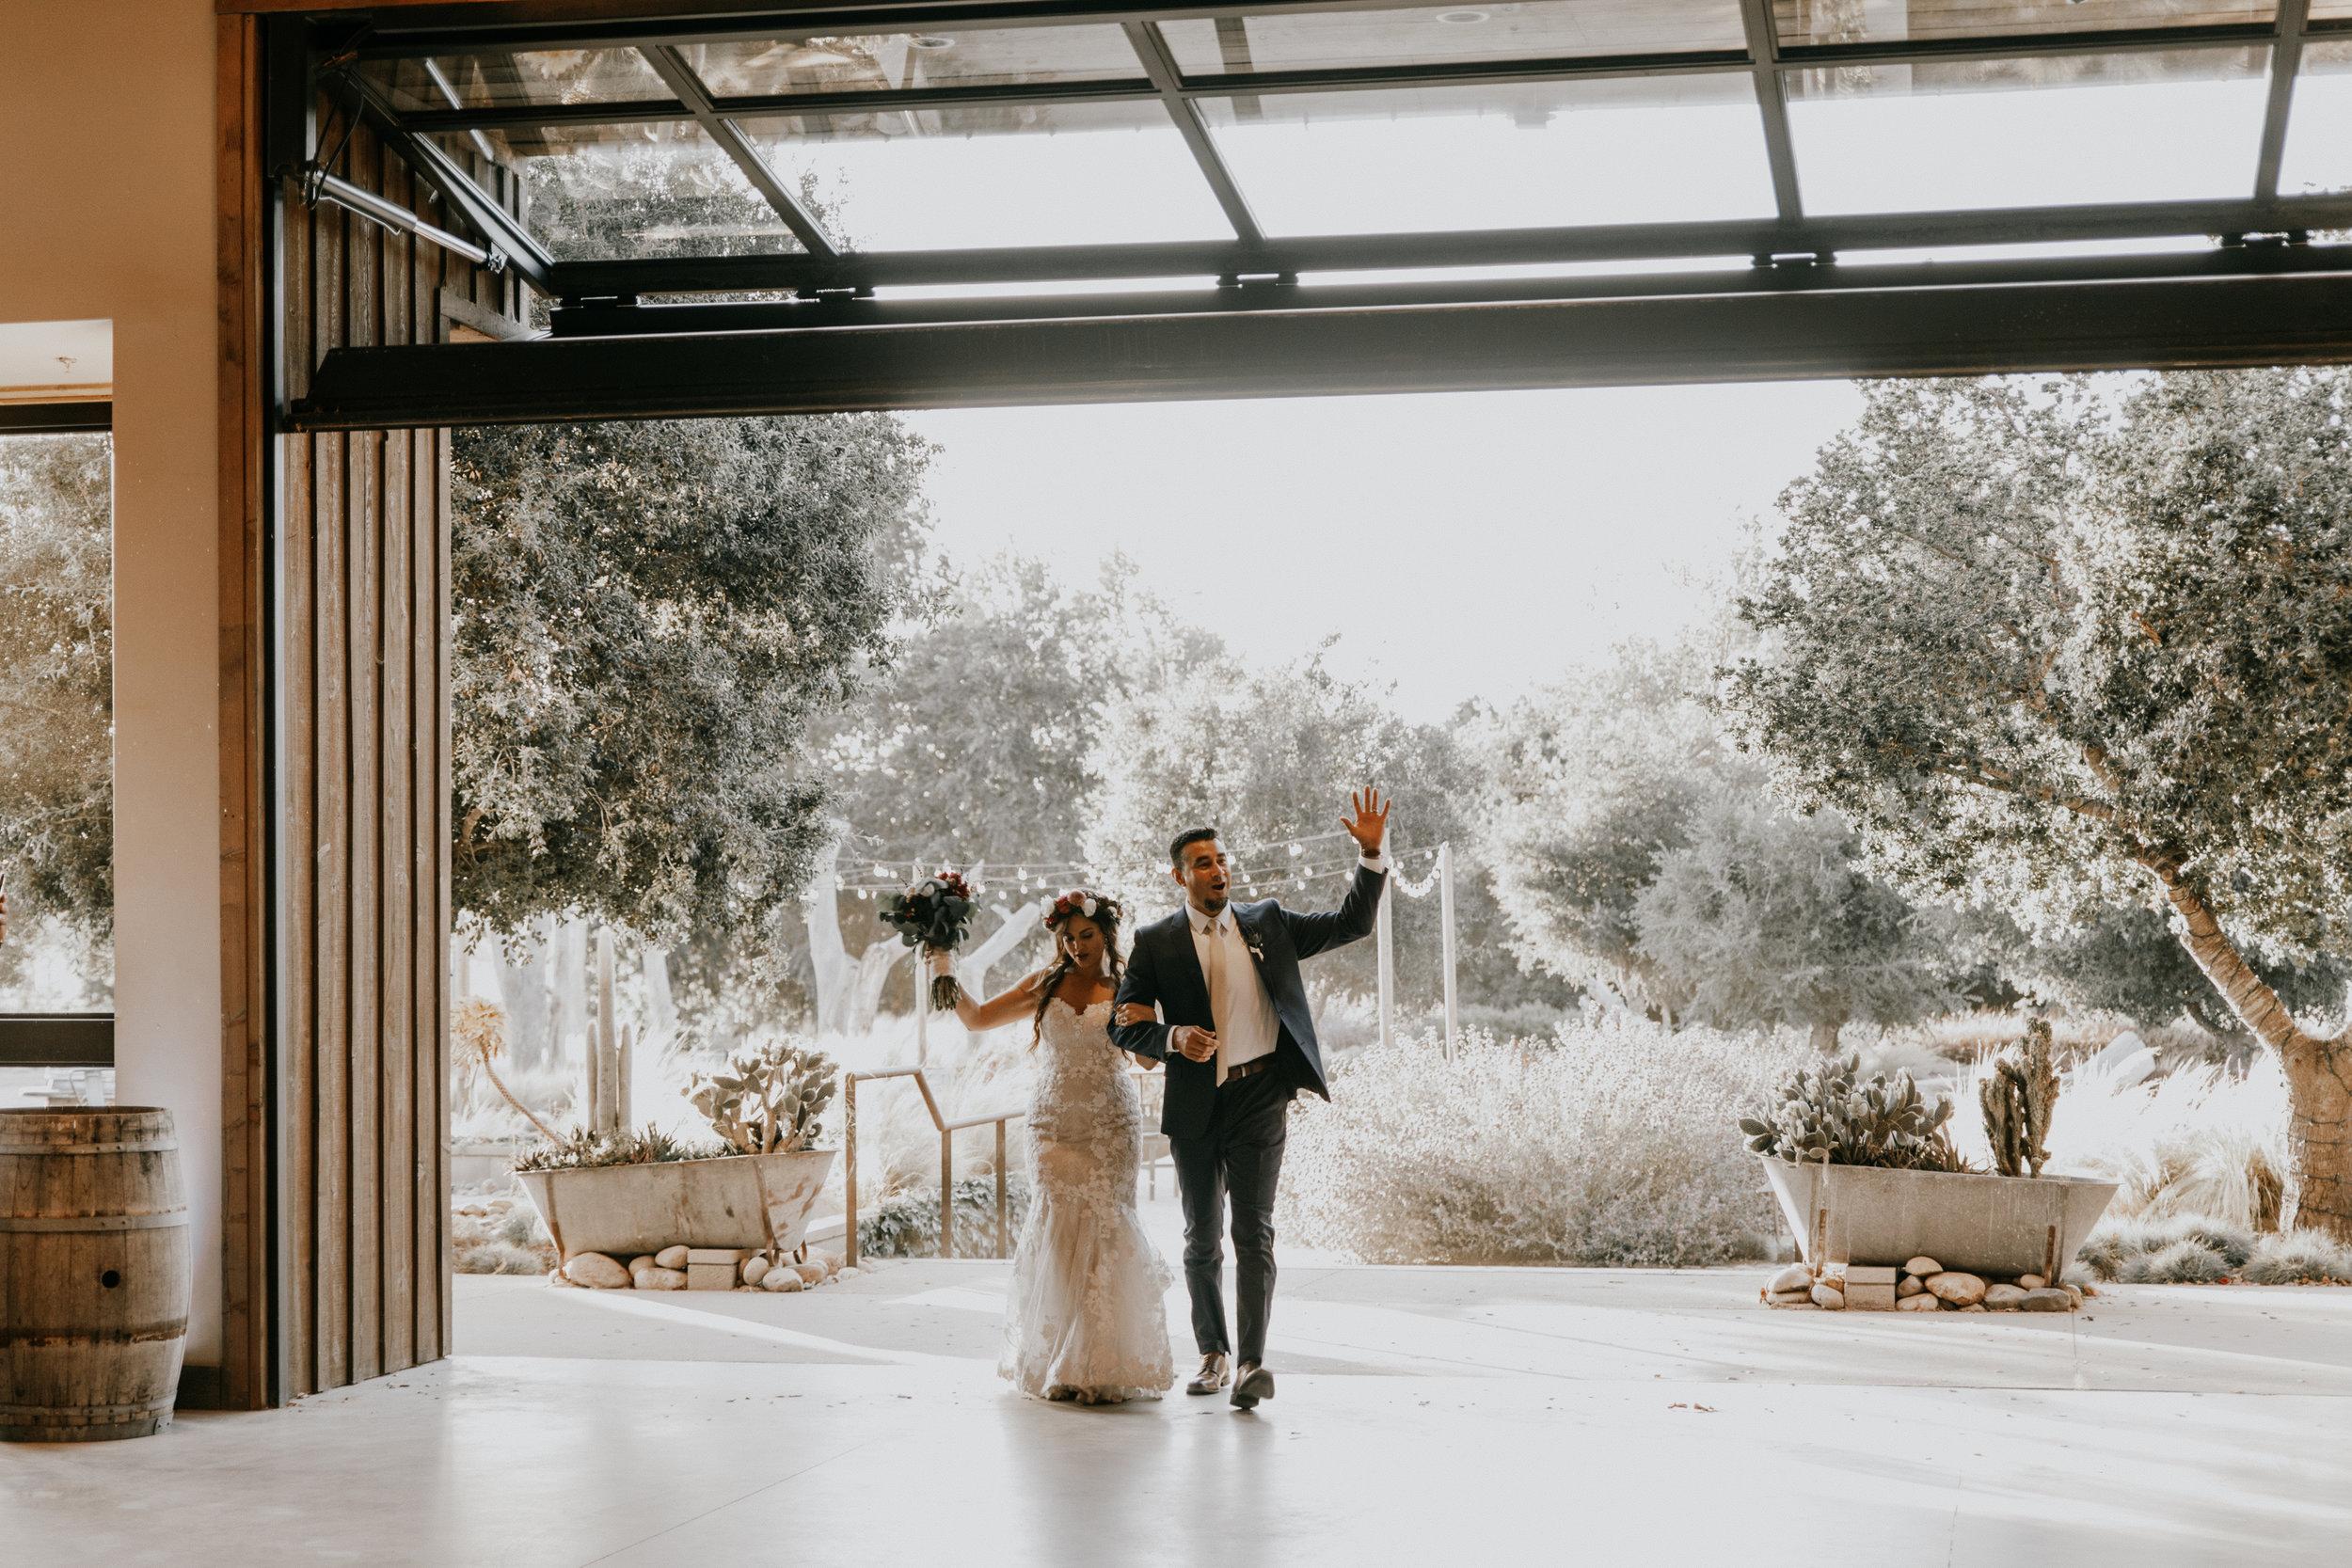 Bestweddingphotos.jpg